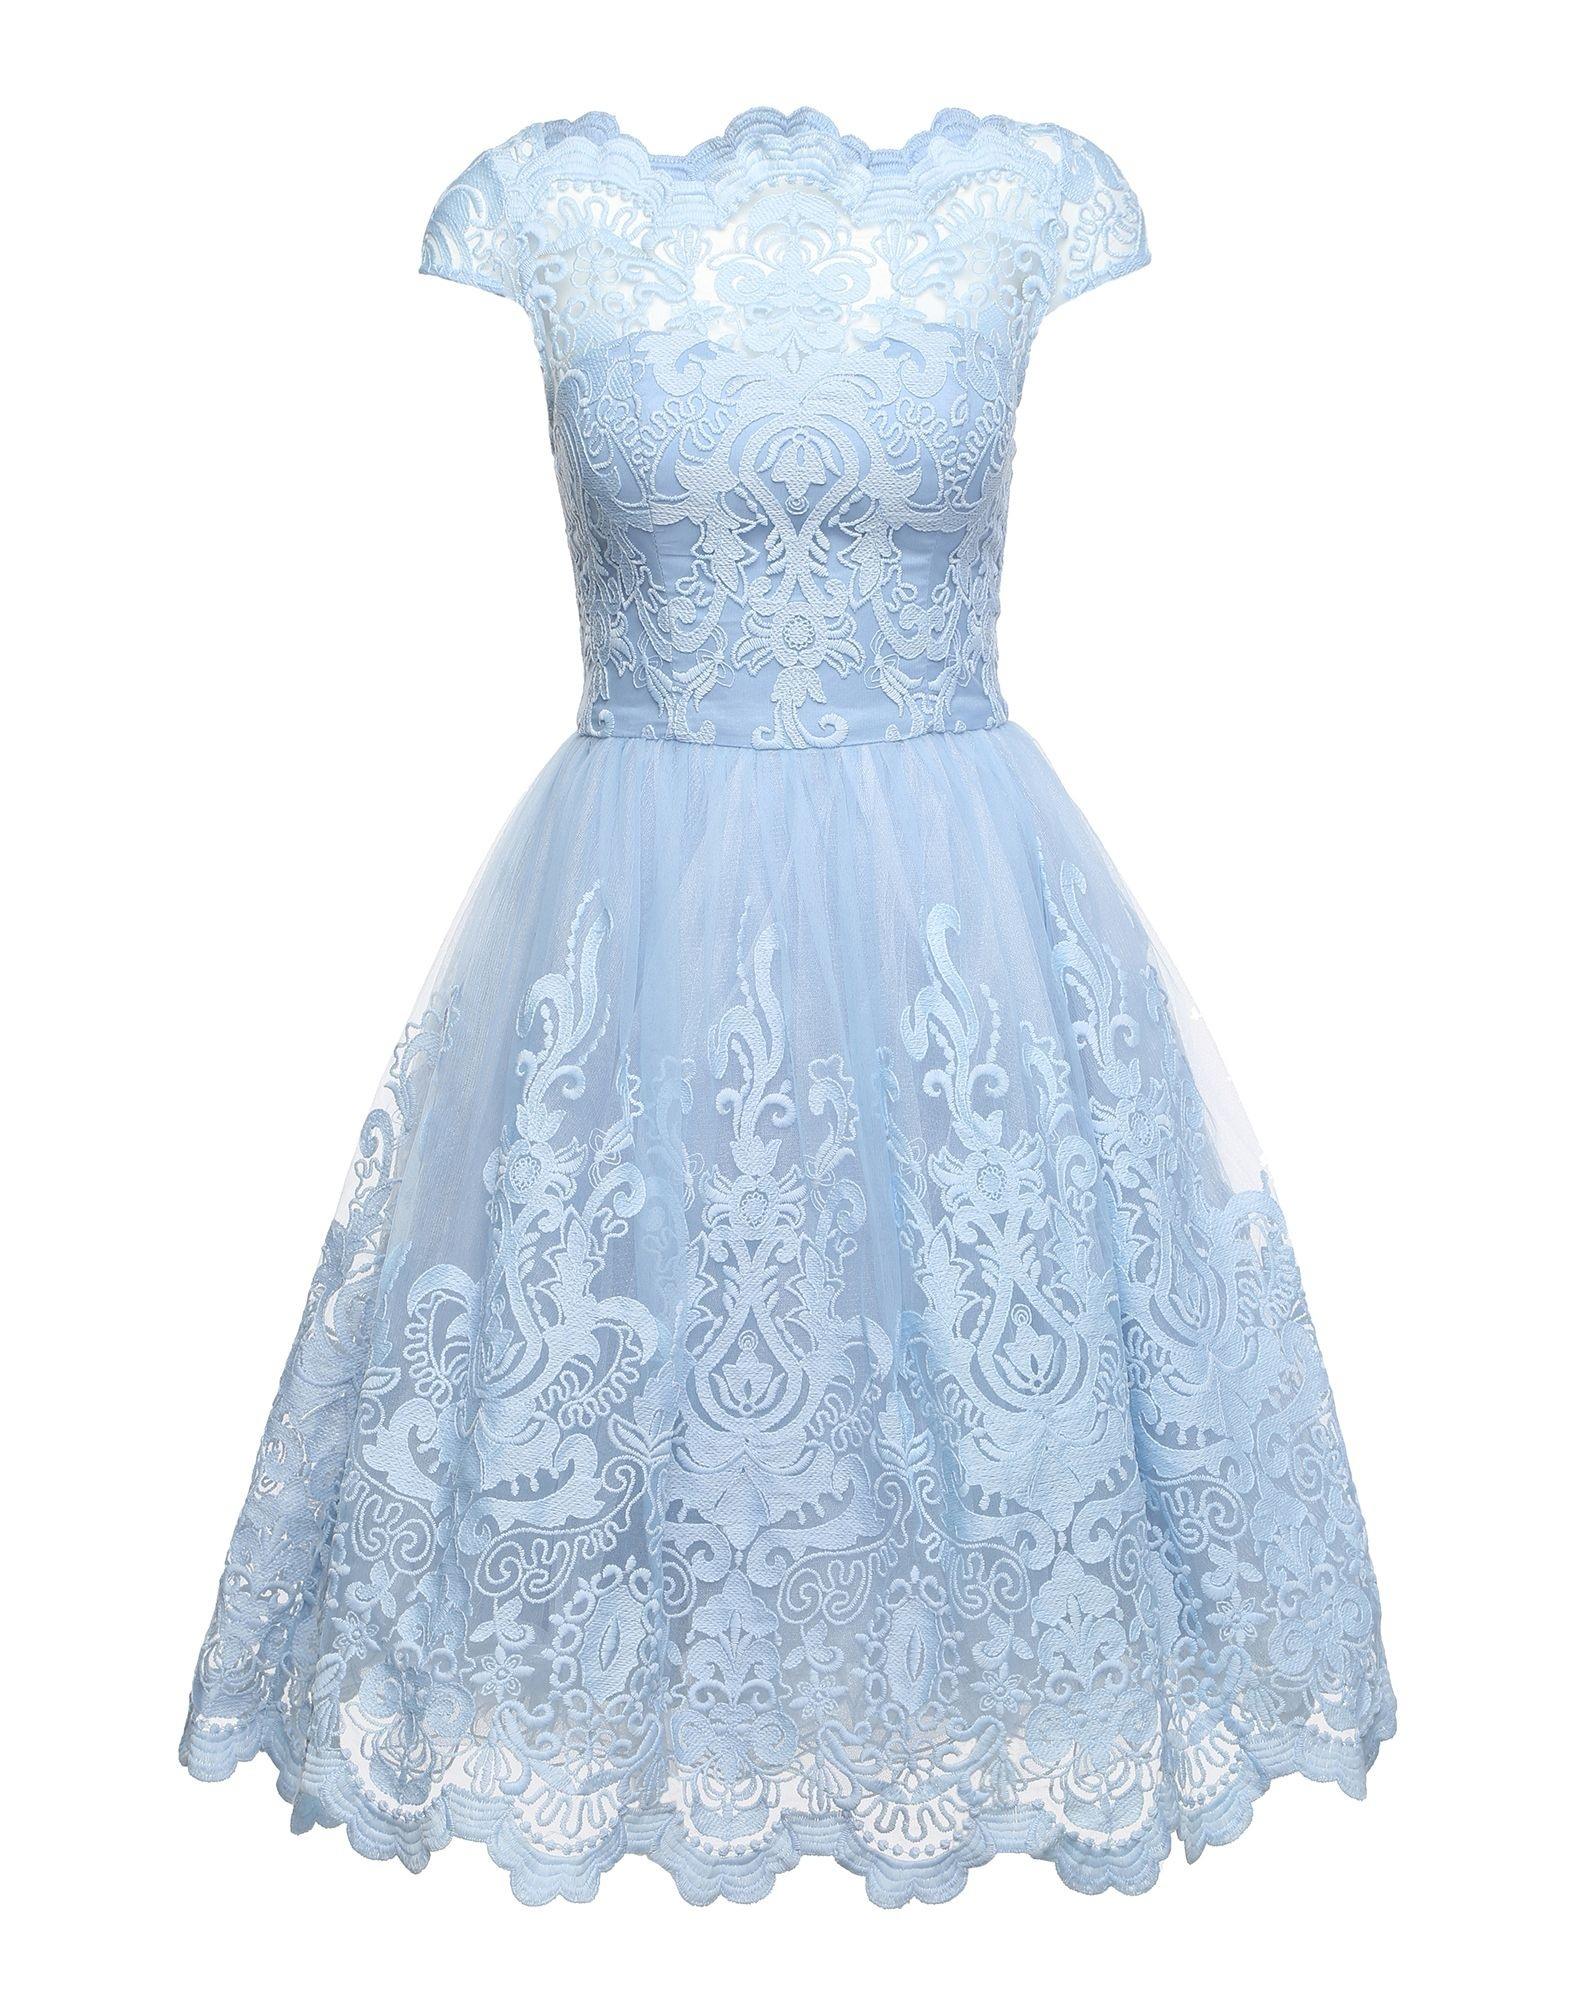 15 Luxus Kleid Hellblau Spitze für 2019Designer Spektakulär Kleid Hellblau Spitze Design